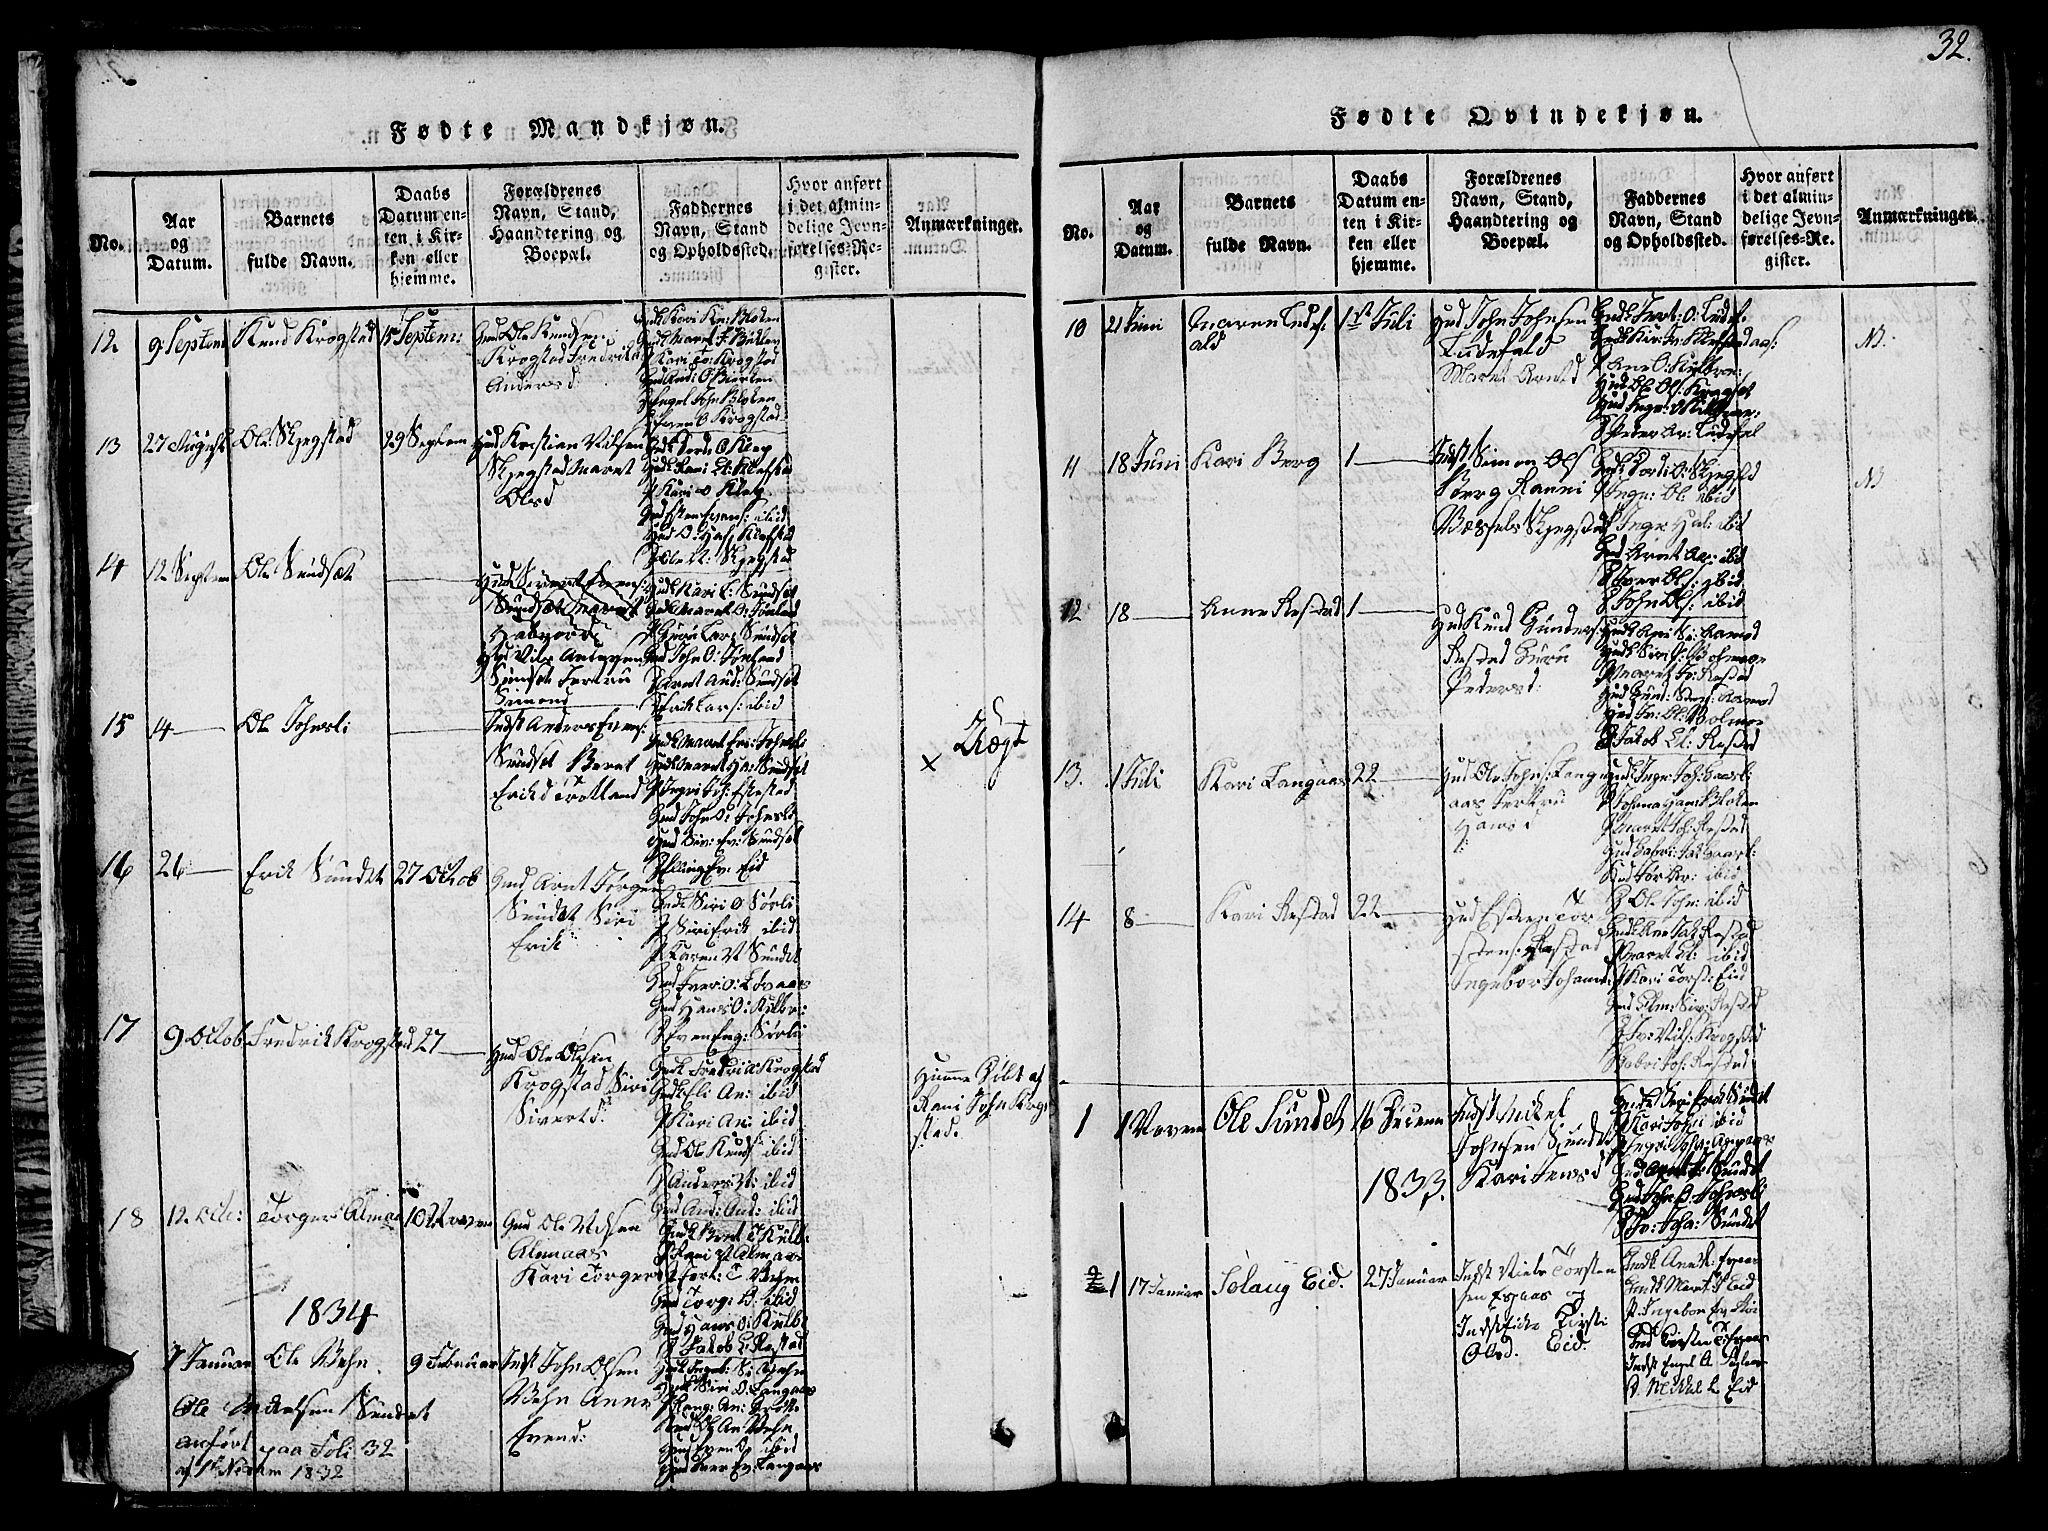 SAT, Ministerialprotokoller, klokkerbøker og fødselsregistre - Sør-Trøndelag, 694/L1130: Klokkerbok nr. 694C02, 1816-1857, s. 32